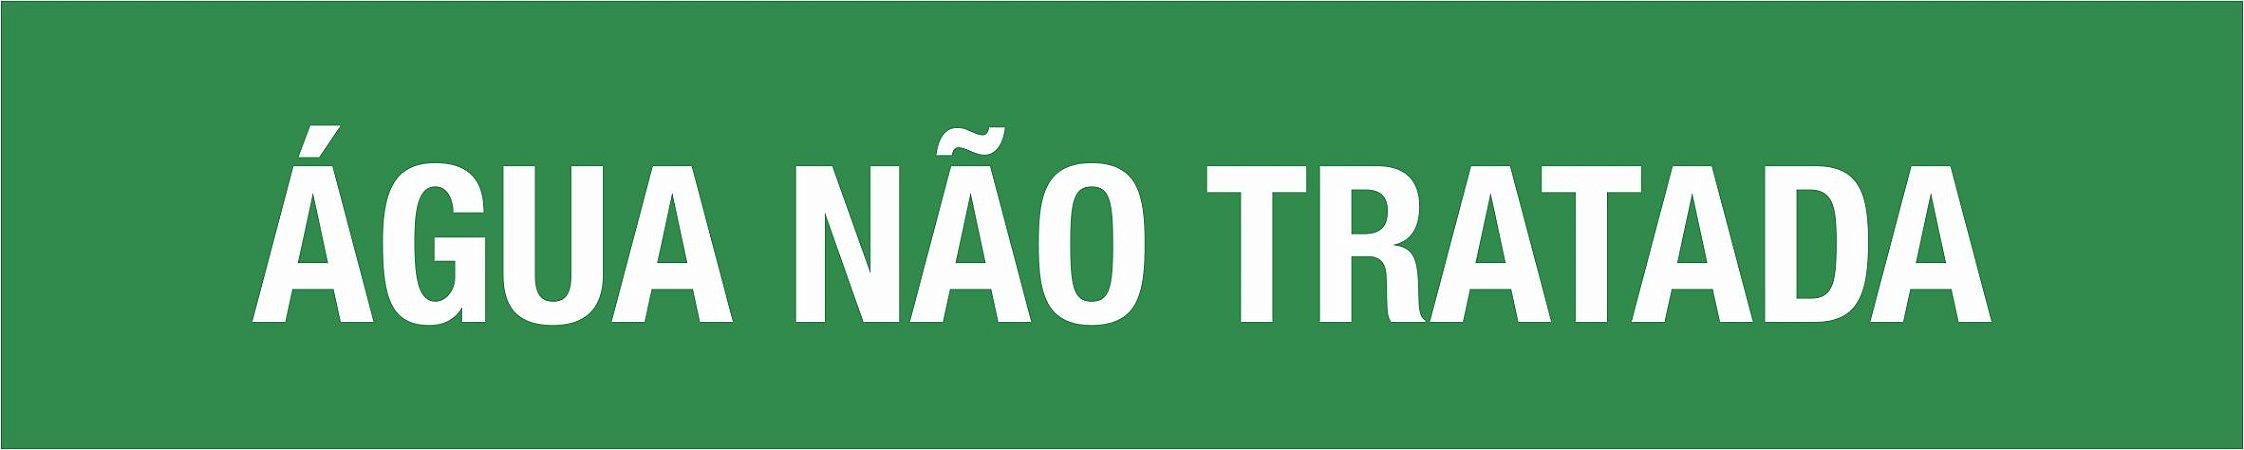 Marcador de tubulação - MCT-010 Indicador de Fluxo - Pacote com 05 unidades.